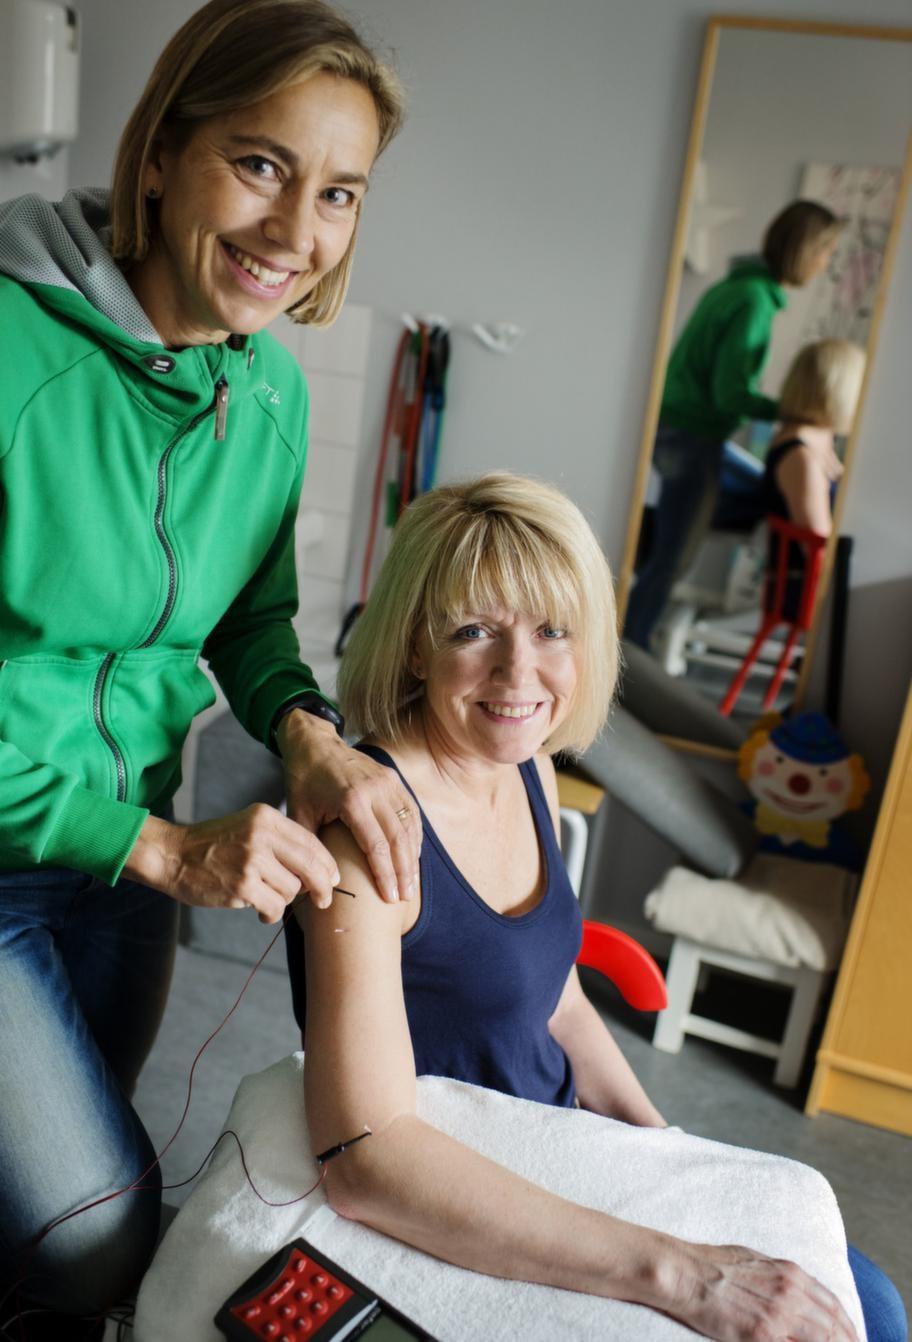 - Det häftiga med akupunktur är att det hjälper vårt eget system, det ger inga biverkningar, säger sjukgymnasten Anna Ahlqwist. Här sätter hon nålar mot värk i nacke och axel på Anna-Karin Gmoser.